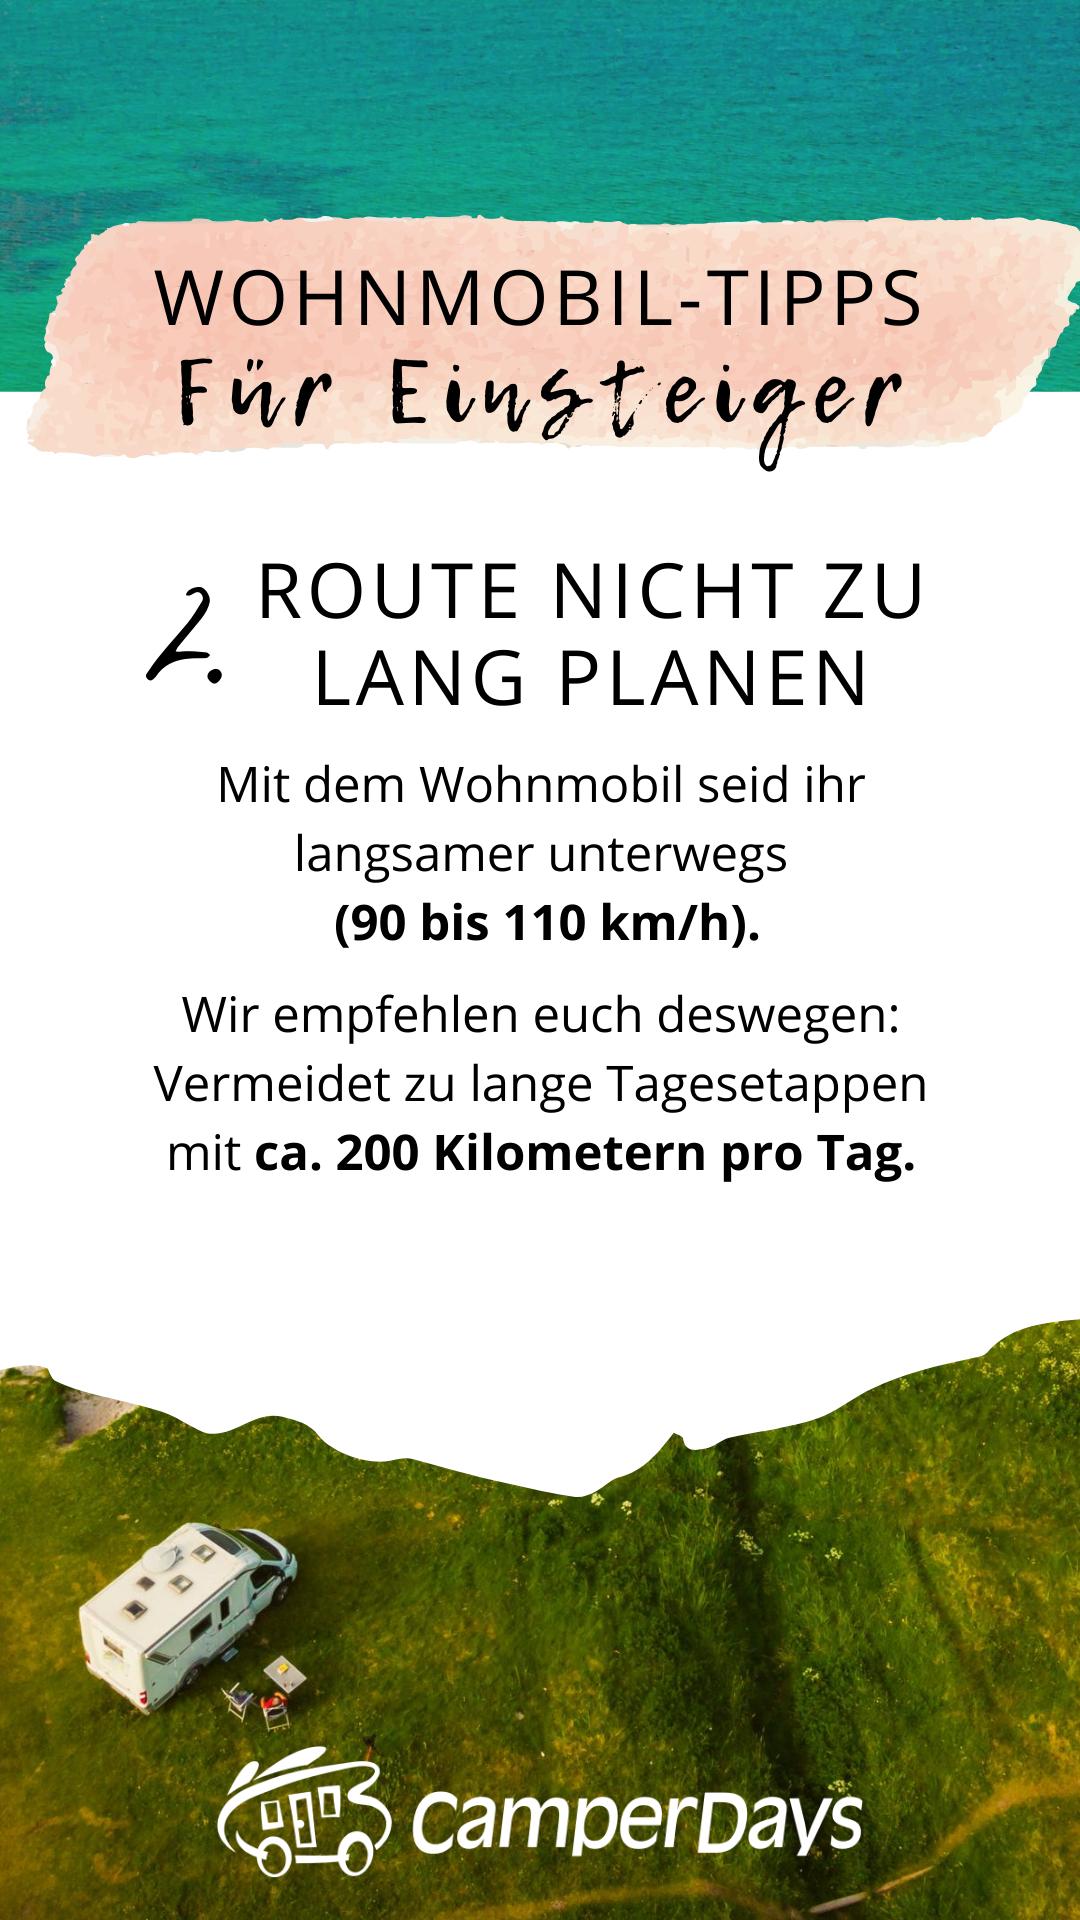 8 Wohnmobil-Tipps für Einsteiger: Route nicht zu lange planen in